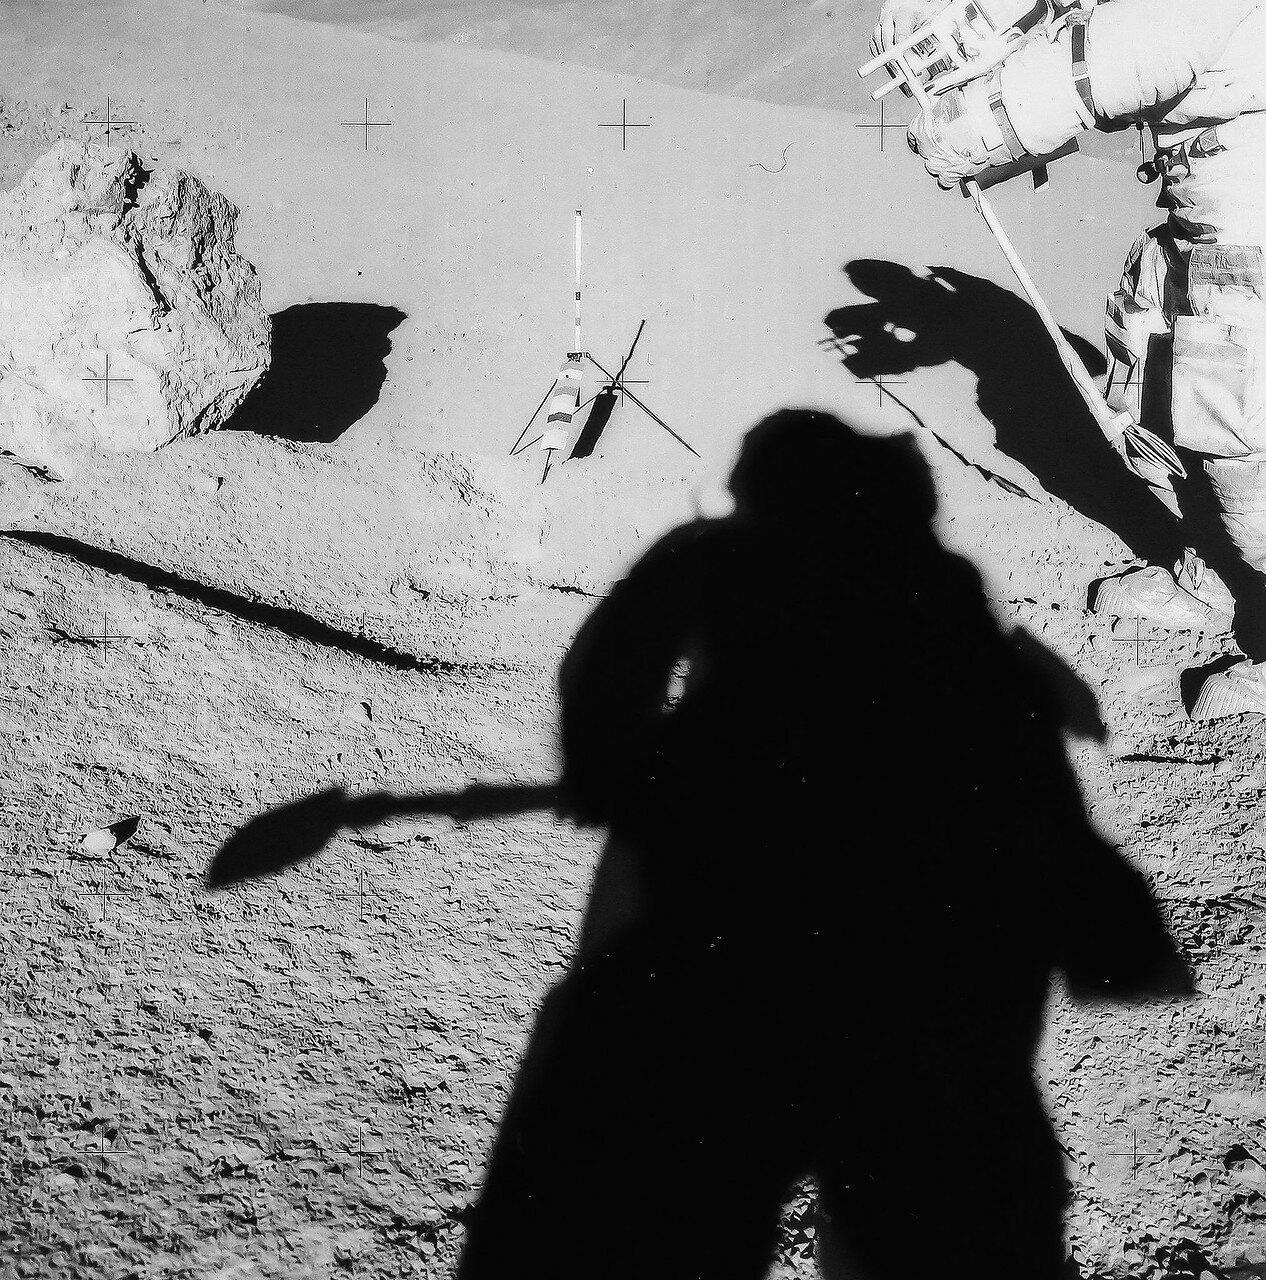 После этого Скотт и Ирвин сделали ещё 7 фотографий уже перевёрнутого валуна. Виды, открывавшиеся с места второй остановки (Станция 2) на склонах горы Хэдли Дельта, впечатляли. Благодаря телекамере, любоваться ими могли и на Земле